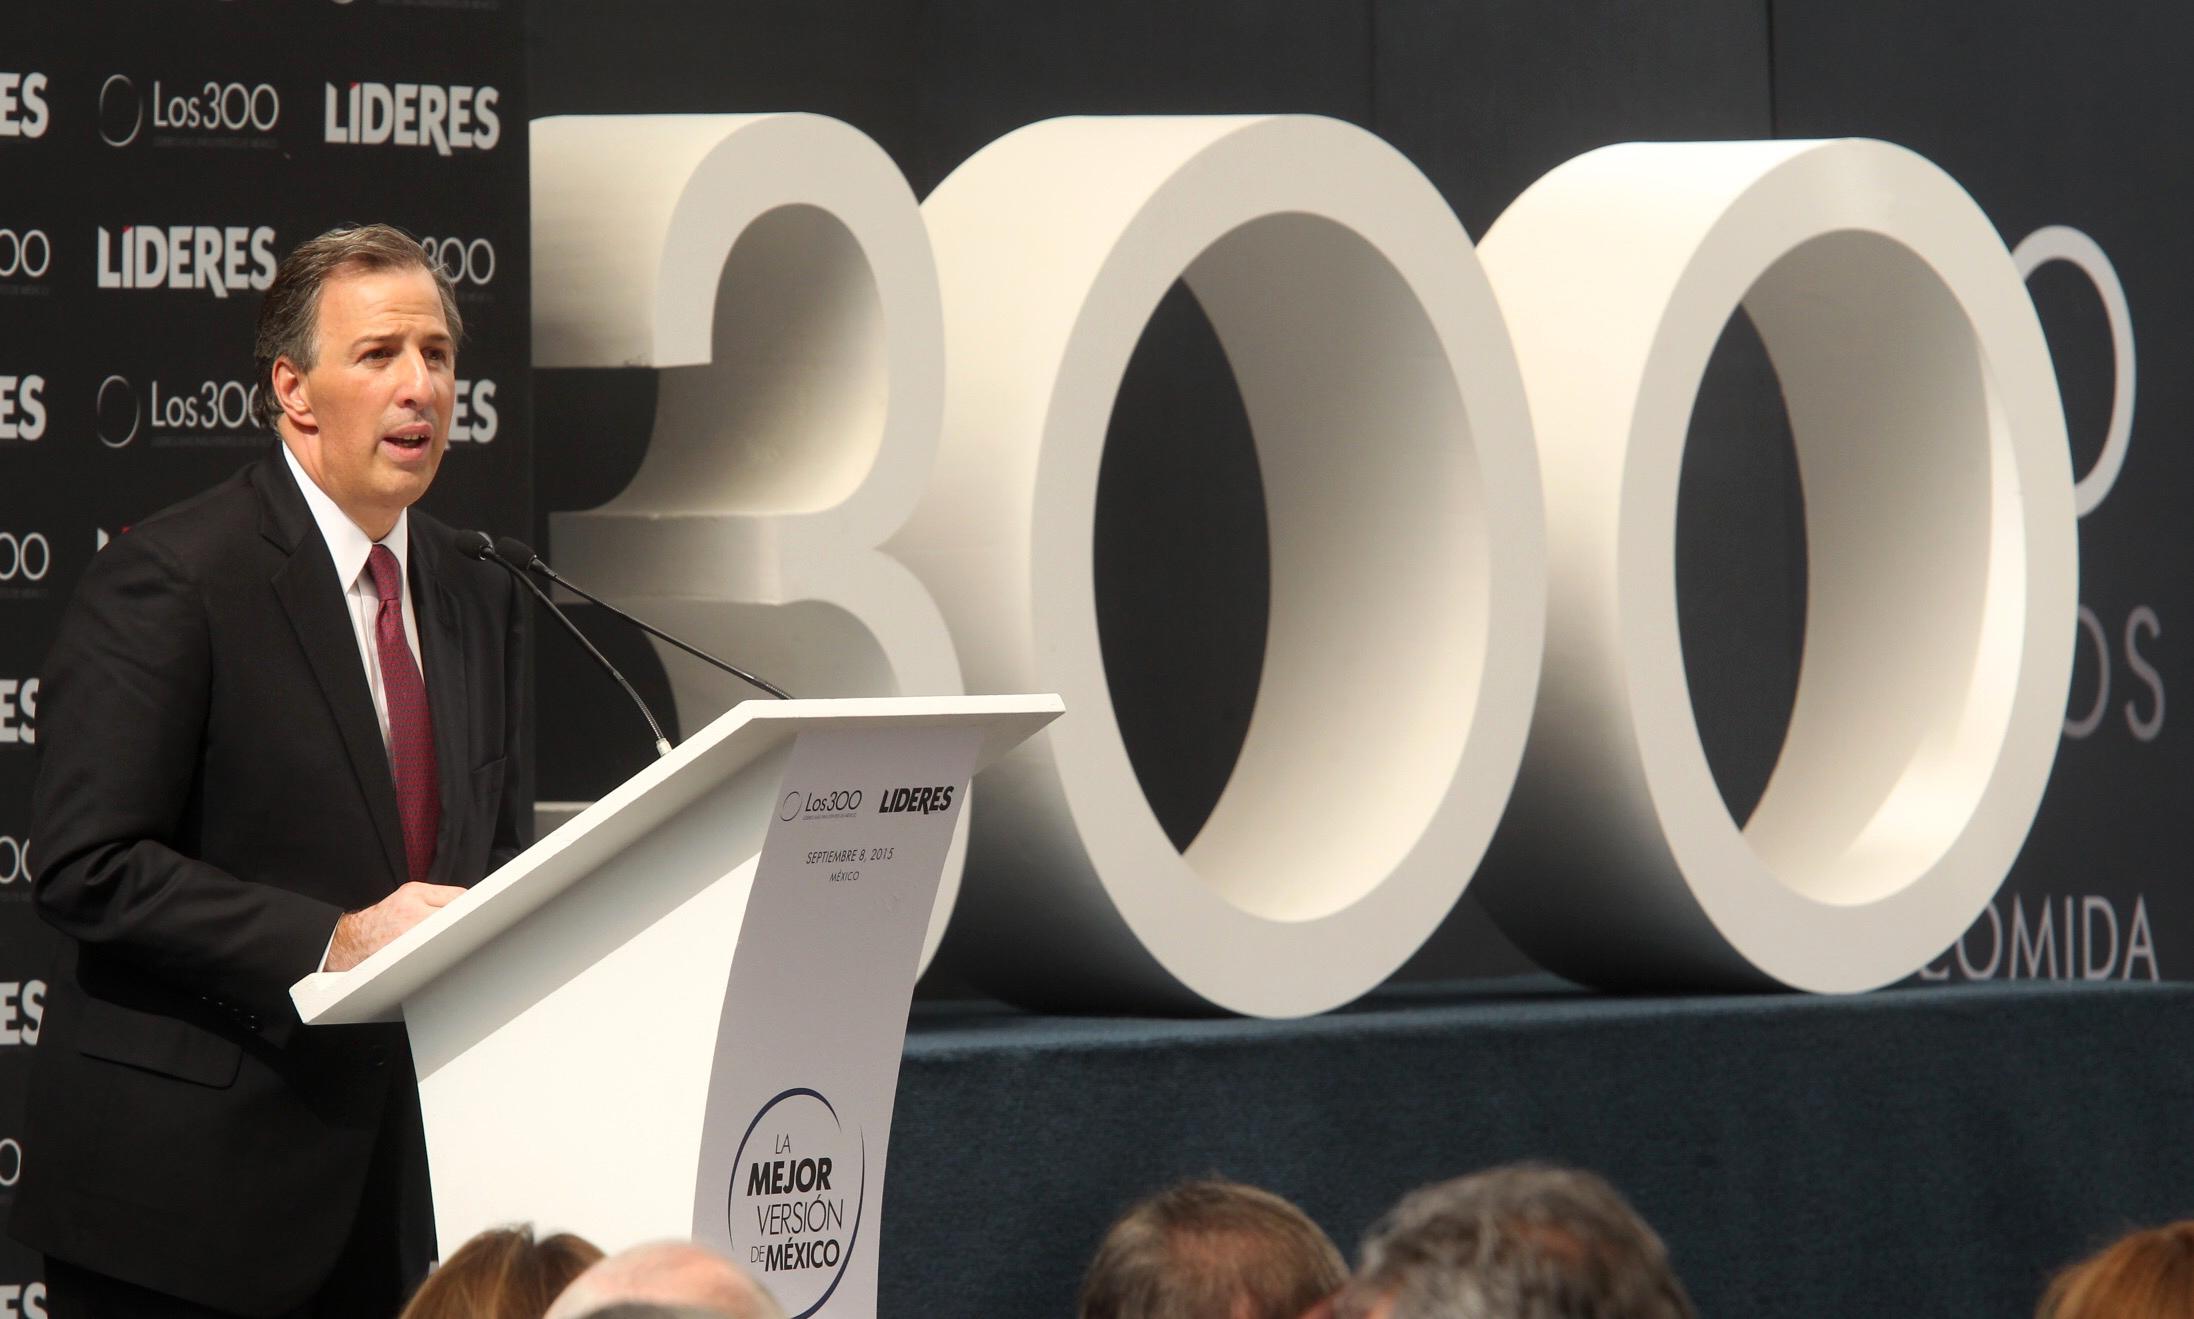 Comida anual de los 300 líderes más influyentes de México